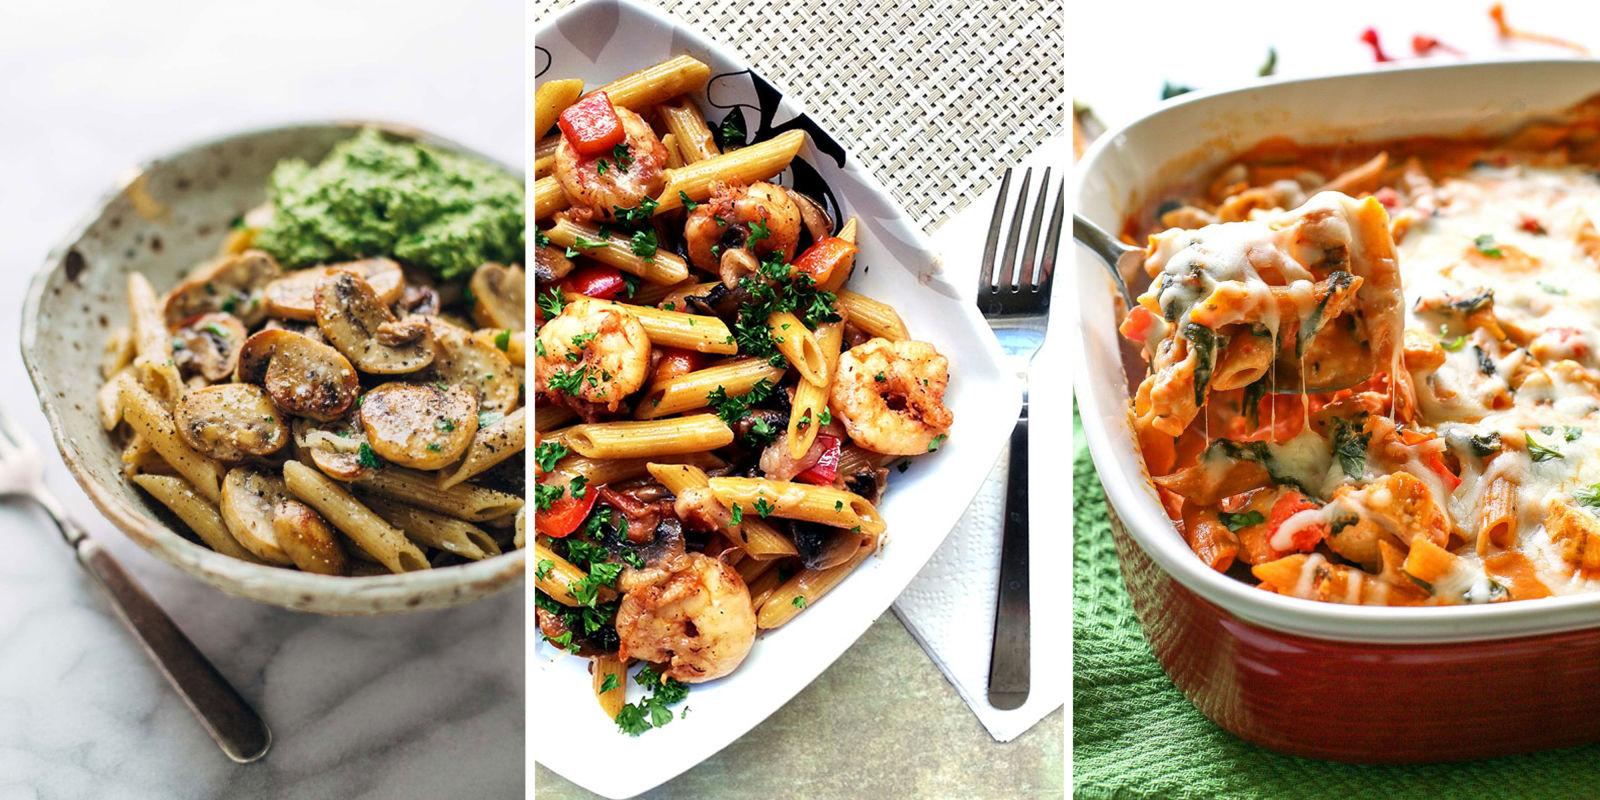 Delicious healthy food ideas - Recipe Ideas